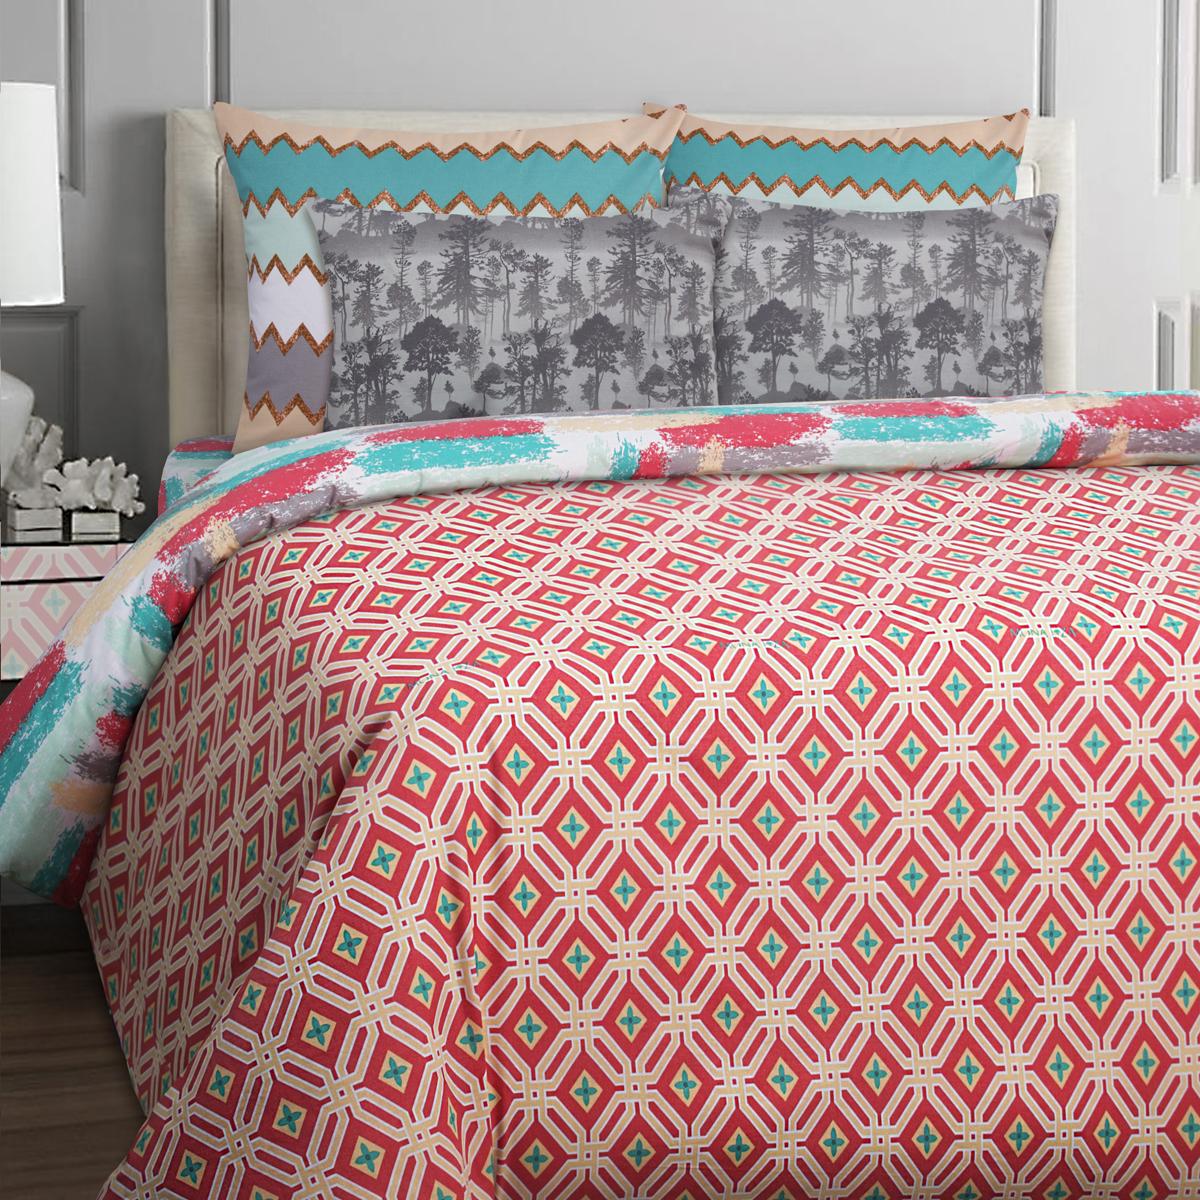 Комплект белья Mona Liza Stone Koral, 1,5-спальное, наволочки 70x70. 551114-51 комплект белья mona liza stone topaz 1 5 спальный наволочки 70x70 551114 63